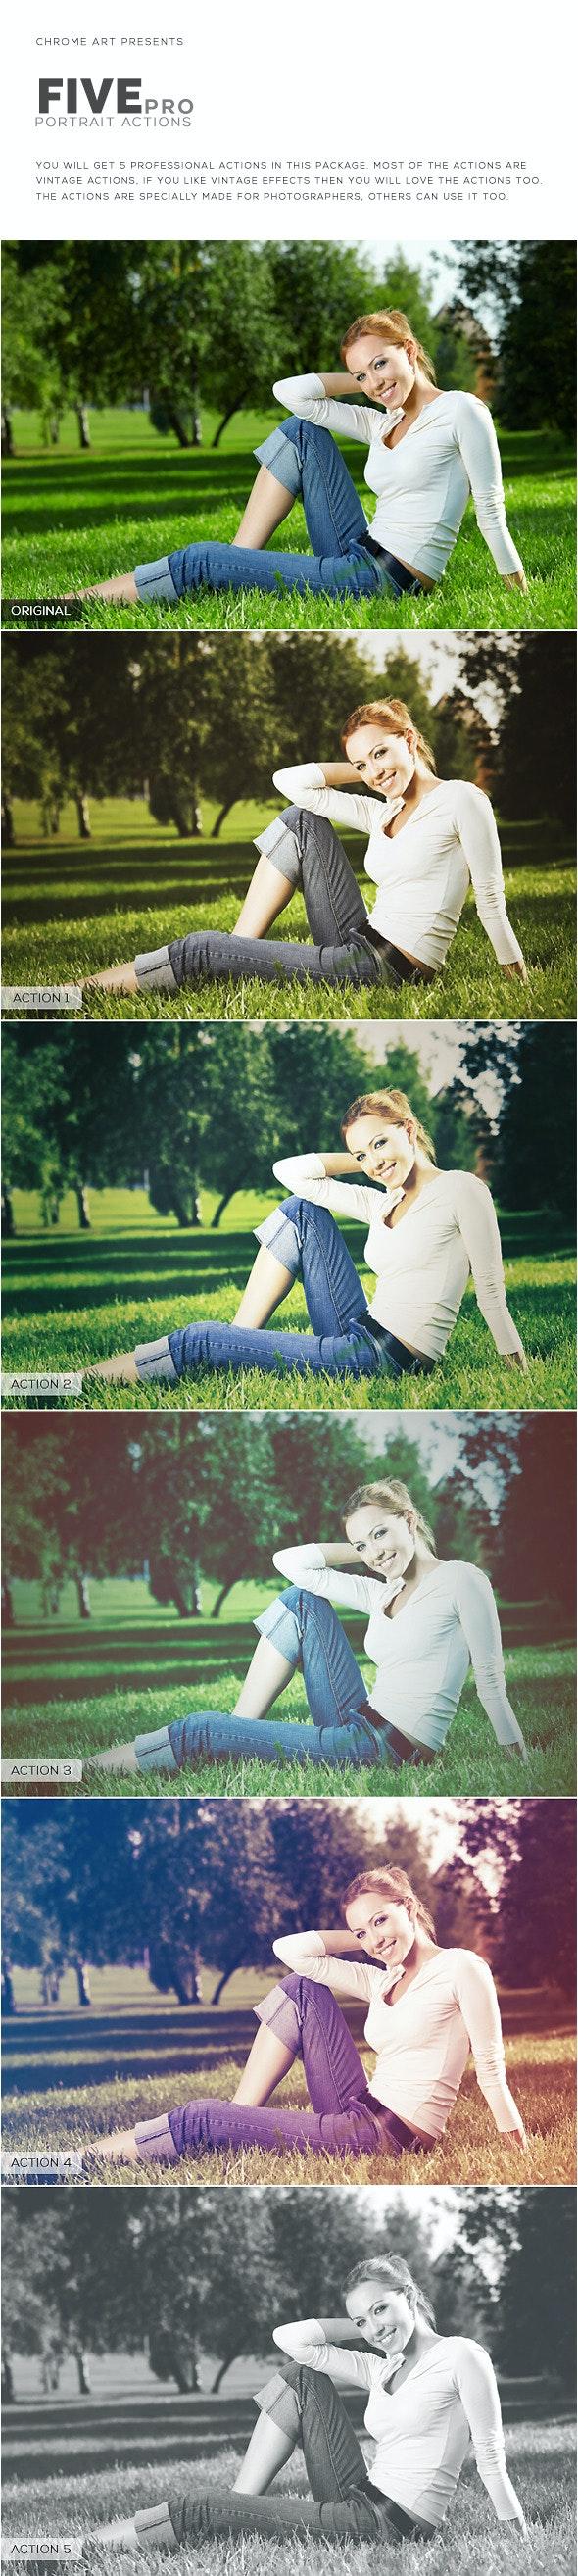 5 Pro Portrait Action - Photo Effects Actions